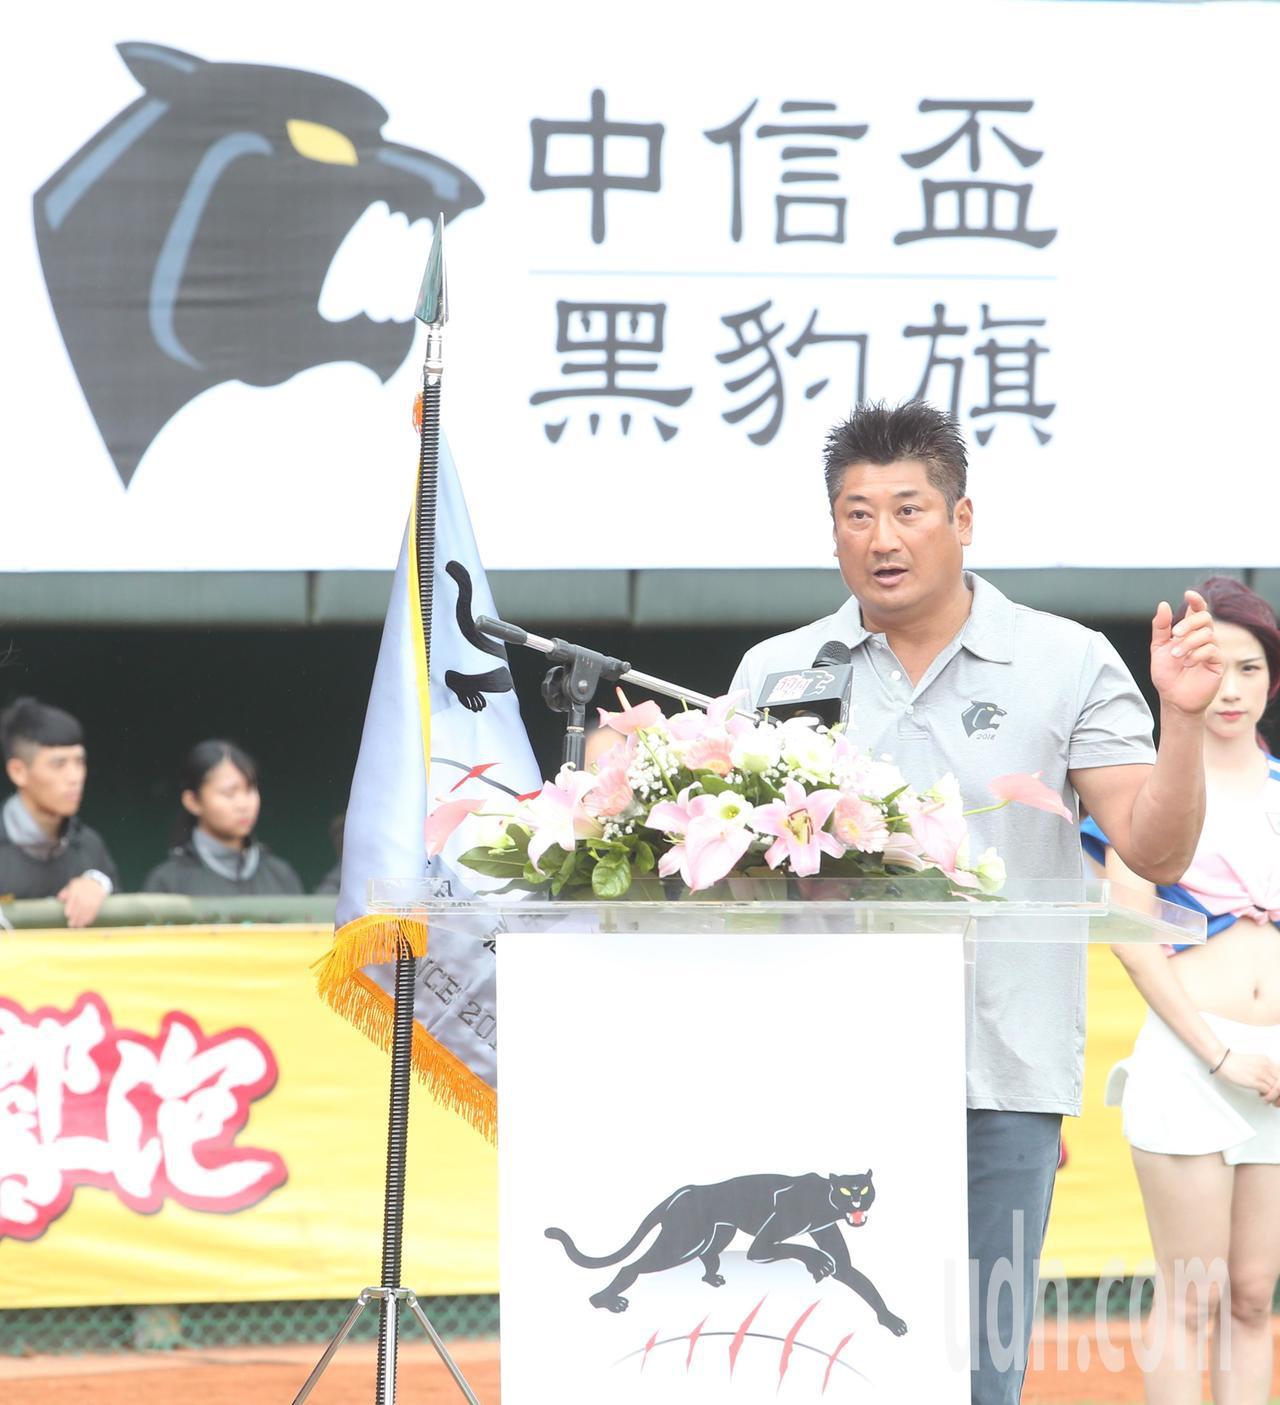 中信盃黑豹旗全國高中棒球大賽下午在天母棒球場舉行開幕儀式,中華民國棒球協會理事長...